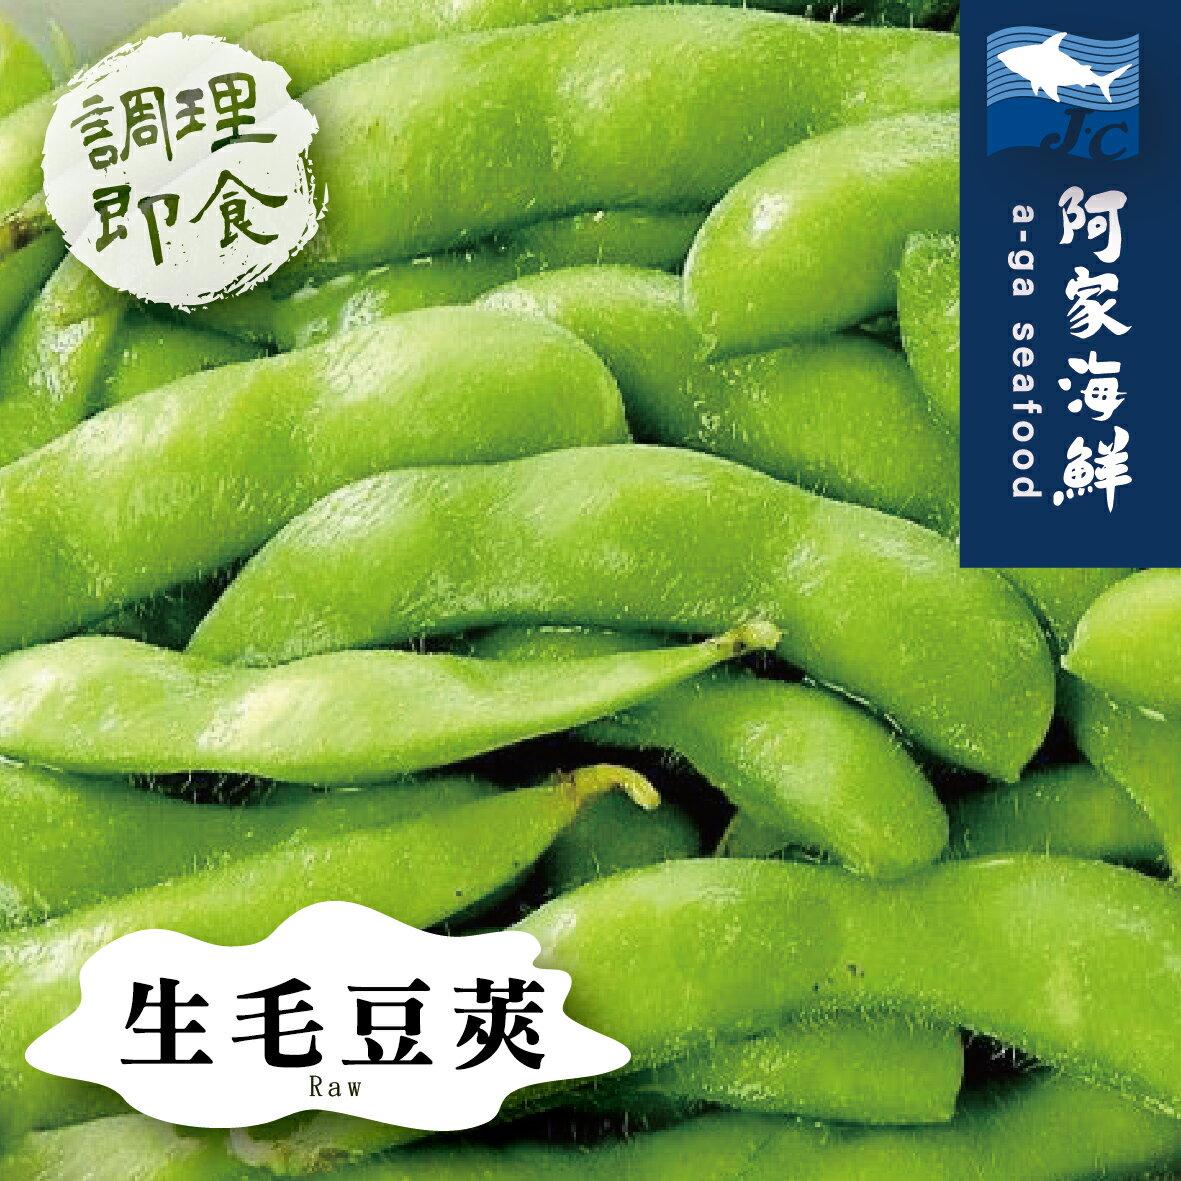 生毛豆莢★CAS★ 1000g 包#外銷 A級#毛豆#下酒菜#冷凍蔬菜#業務包#調理即食